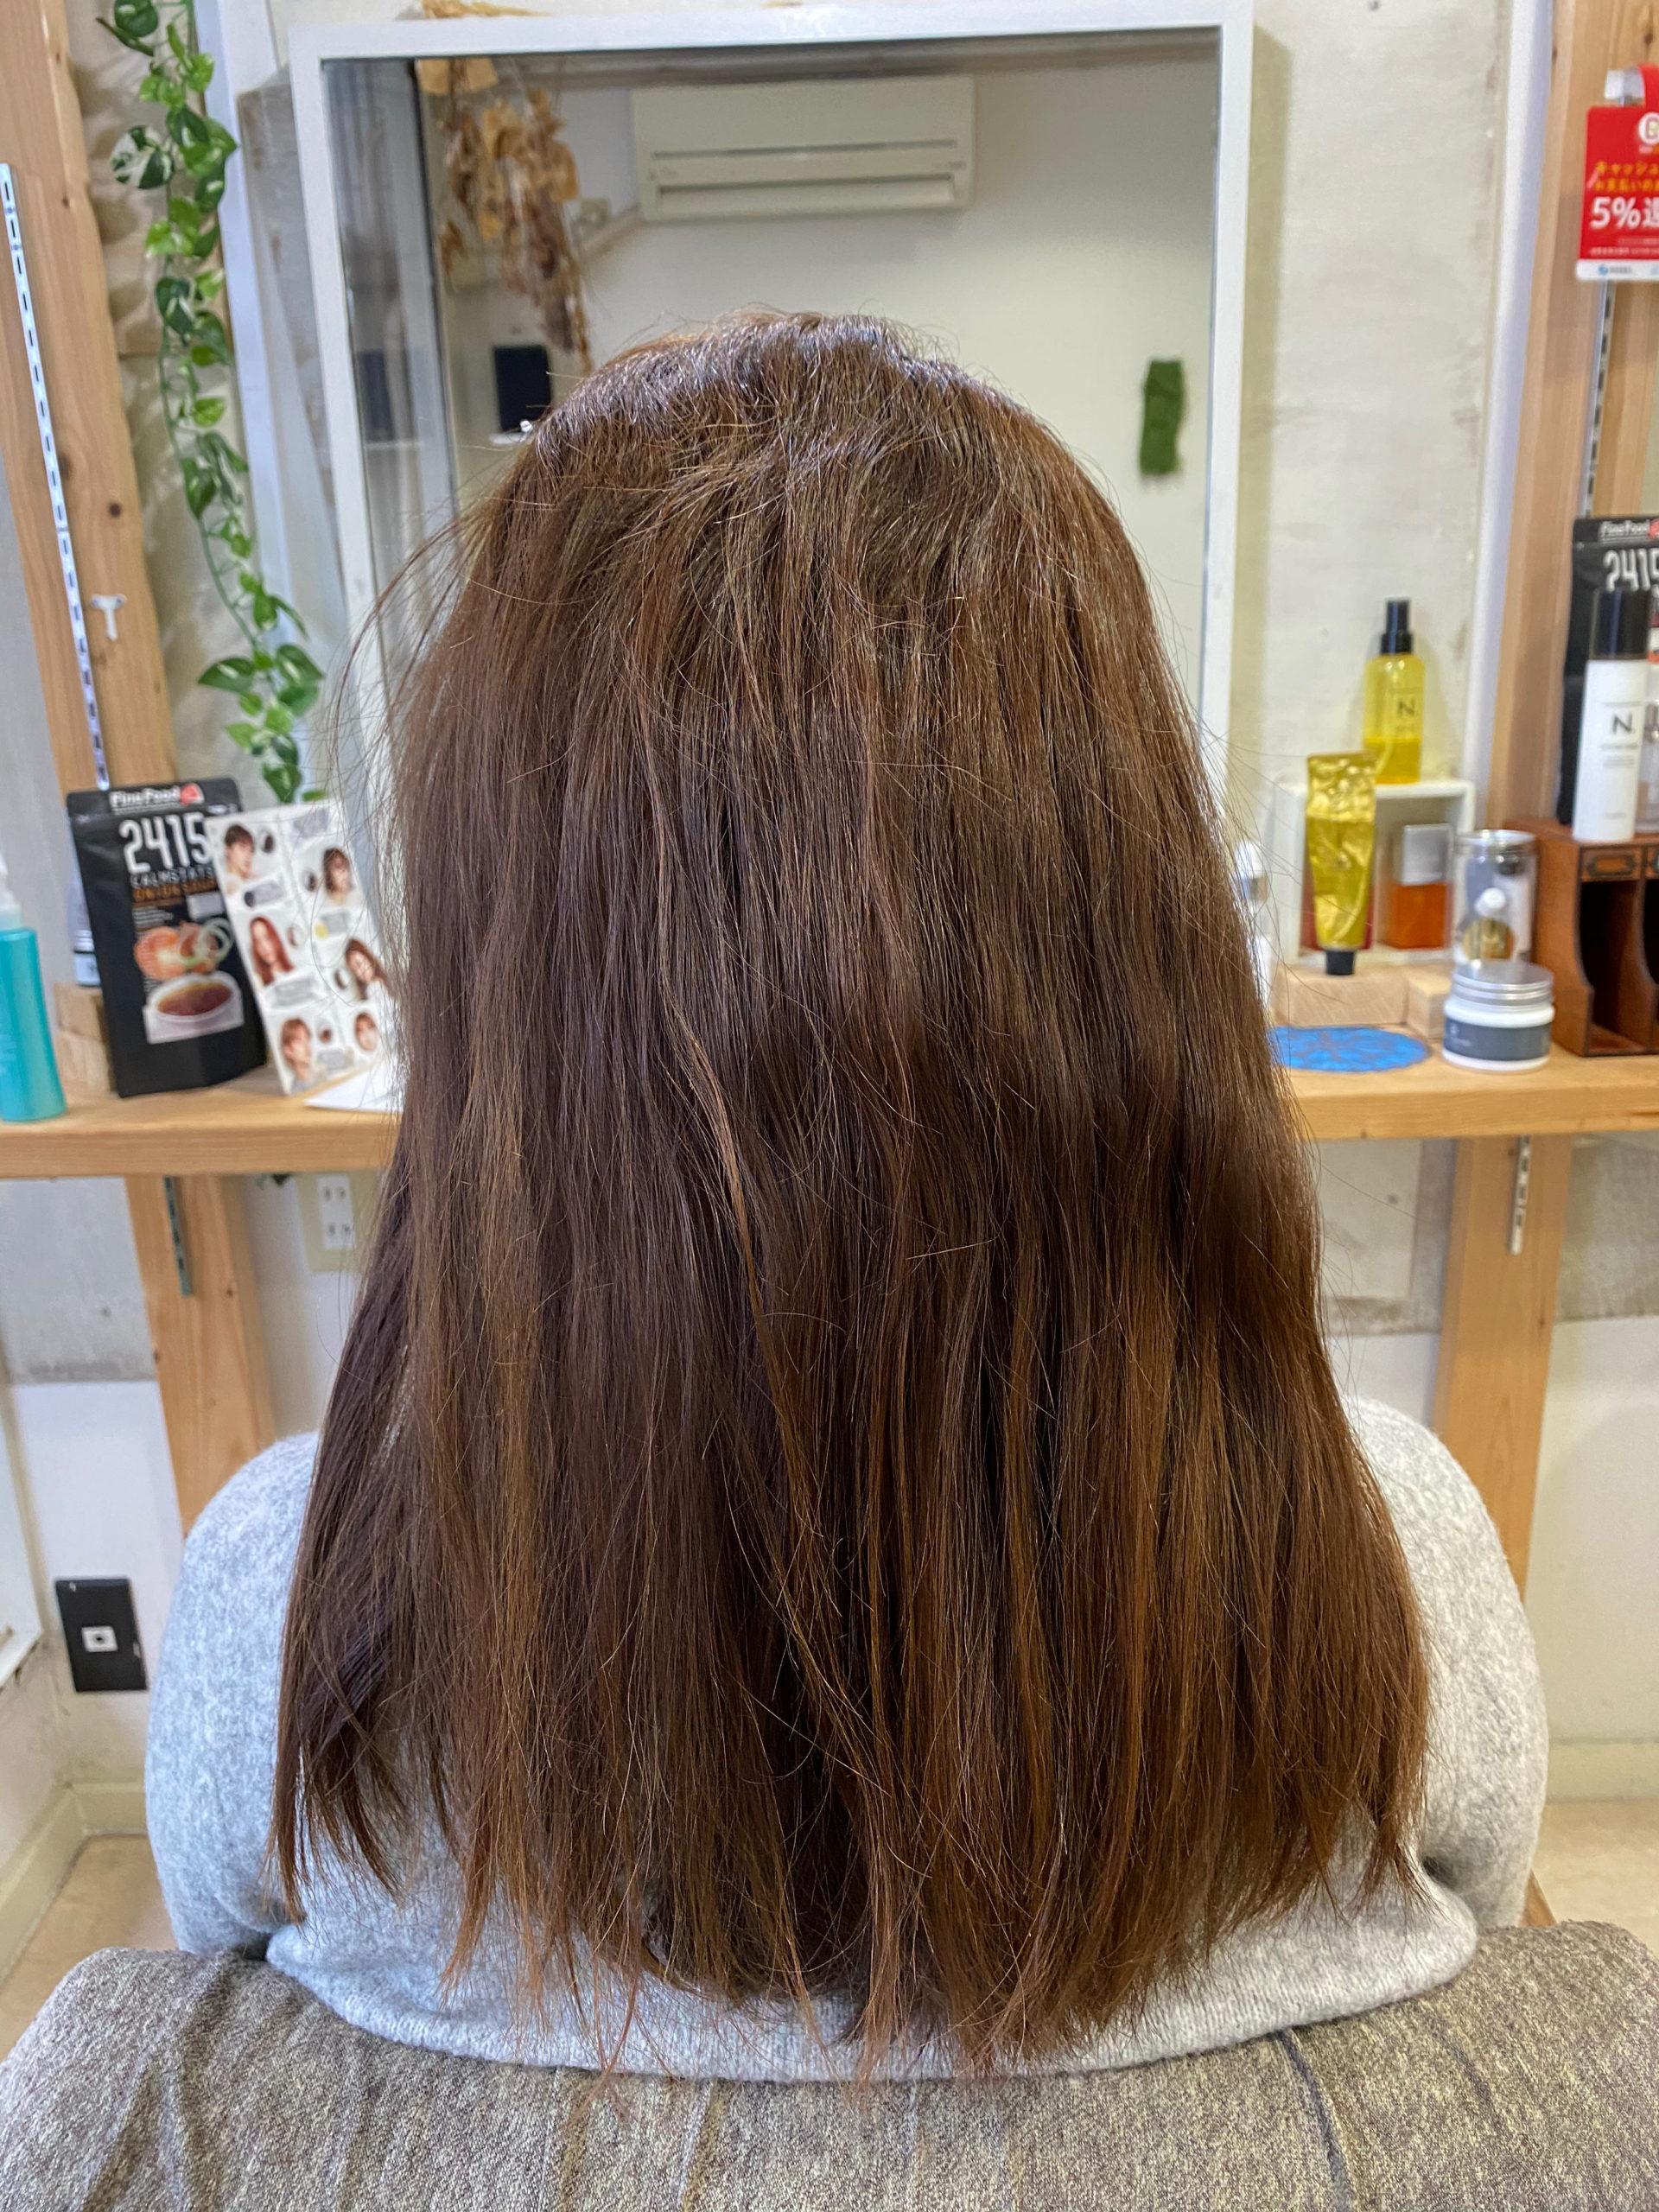 ブリーチ毛の髪に縮毛矯正でつやっつやの艶髪。原宿・表参道『髪のお悩みを解決するヘアケア美容師の挑戦』